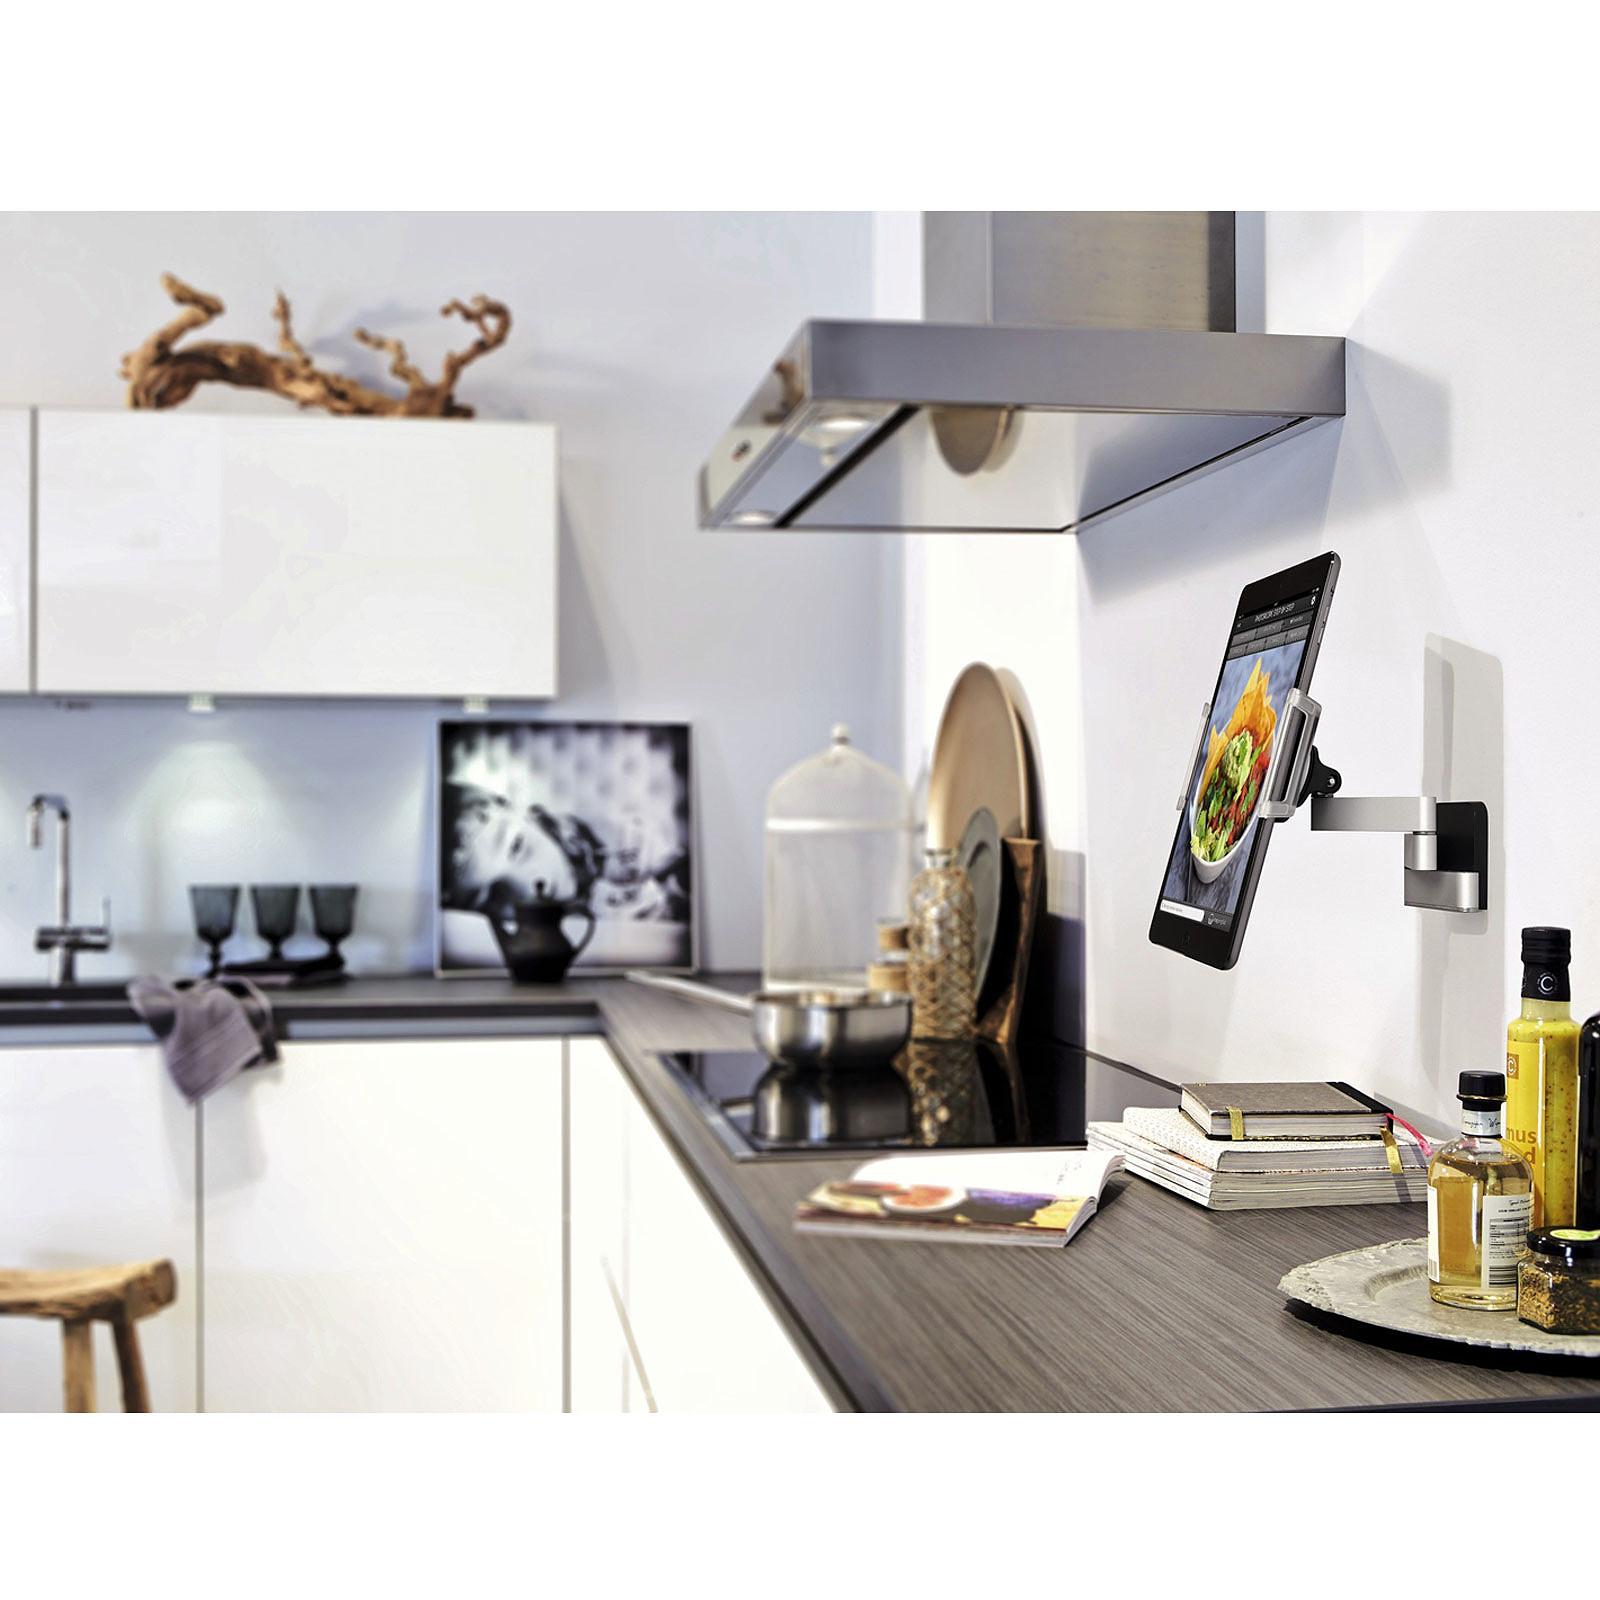 vogel 39 s tms 1030 support tablette vogel 39 s sur. Black Bedroom Furniture Sets. Home Design Ideas